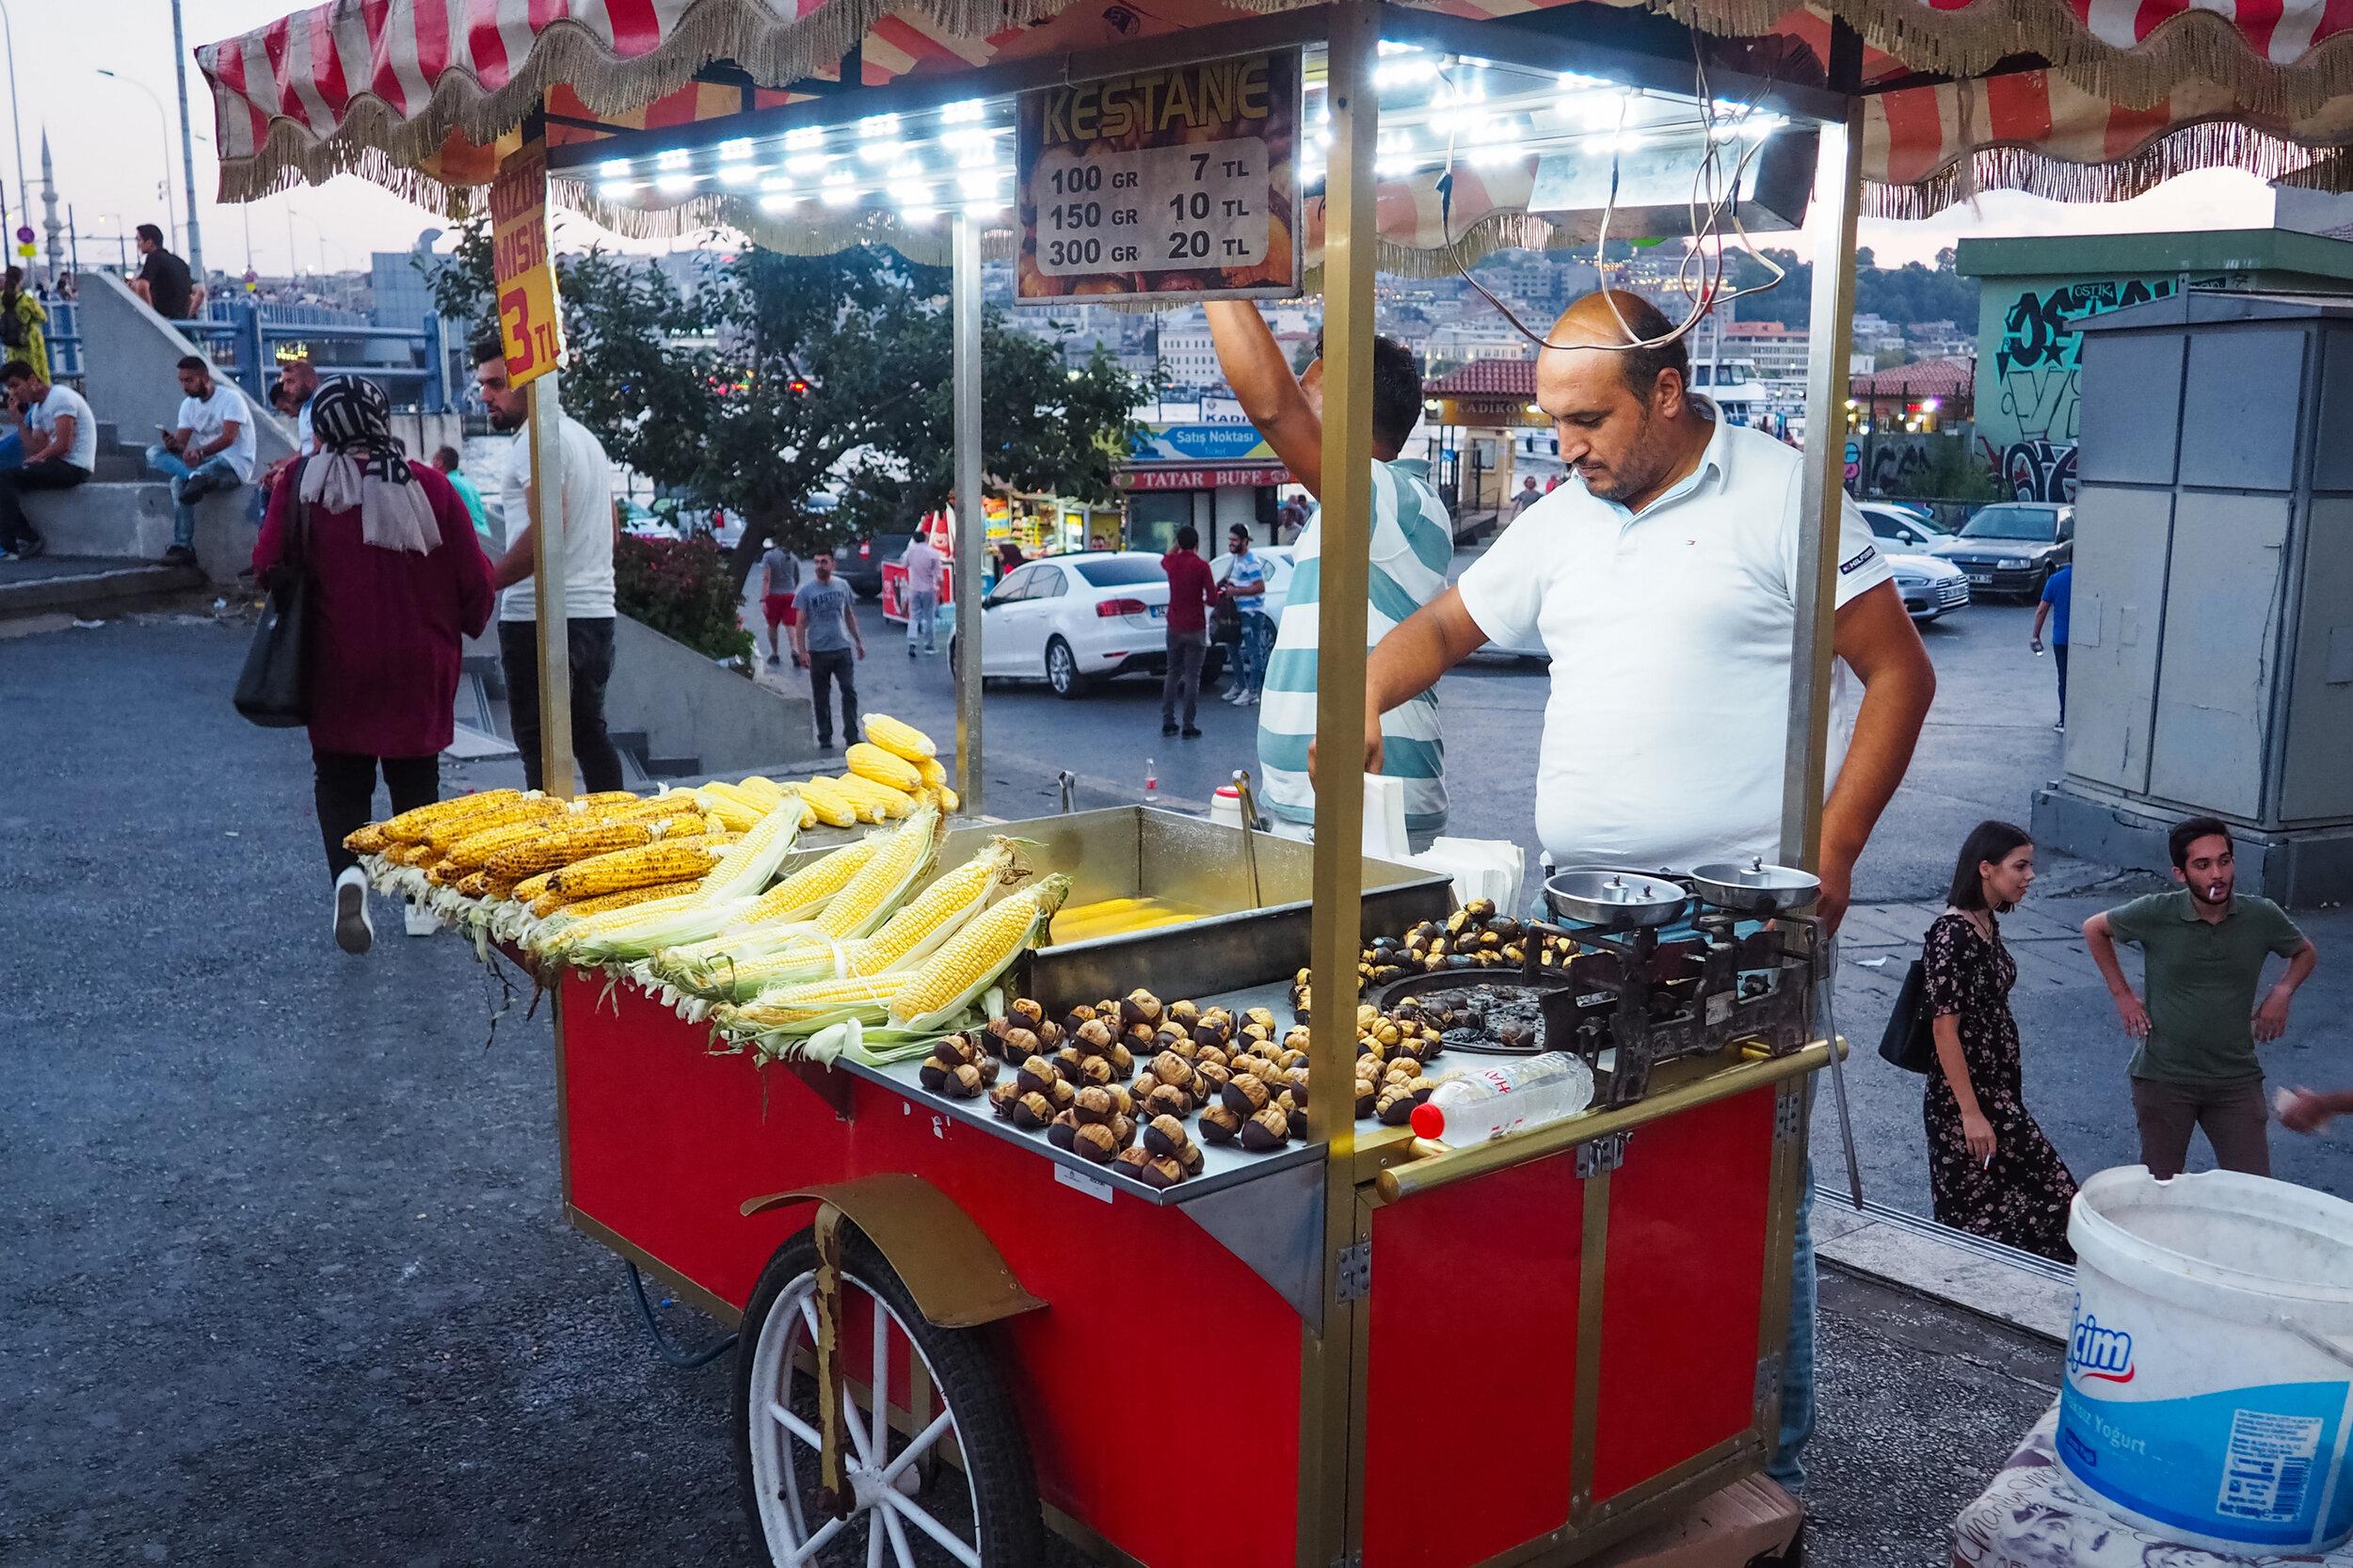 Misir Vegetarian Street Food in Istanbul.